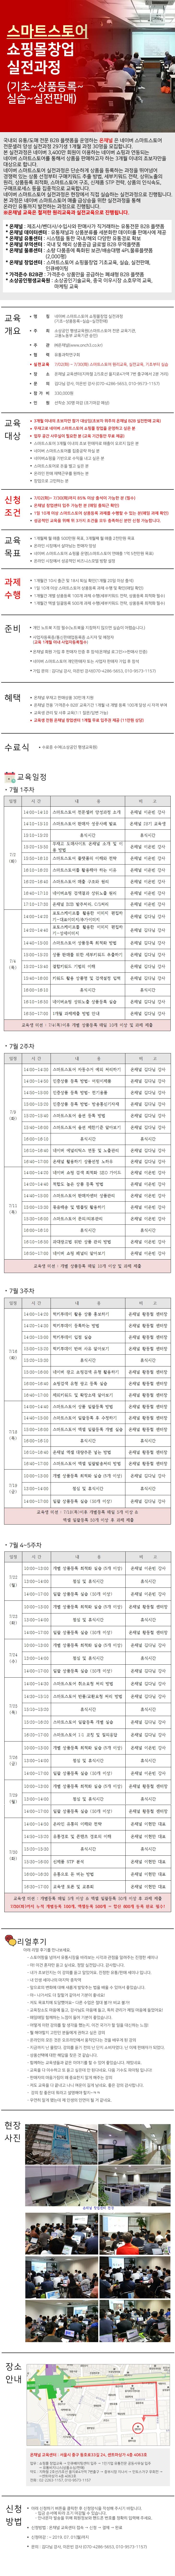 서울 190702 스마트스토어 1개월 최종 커리큘럼.jpg